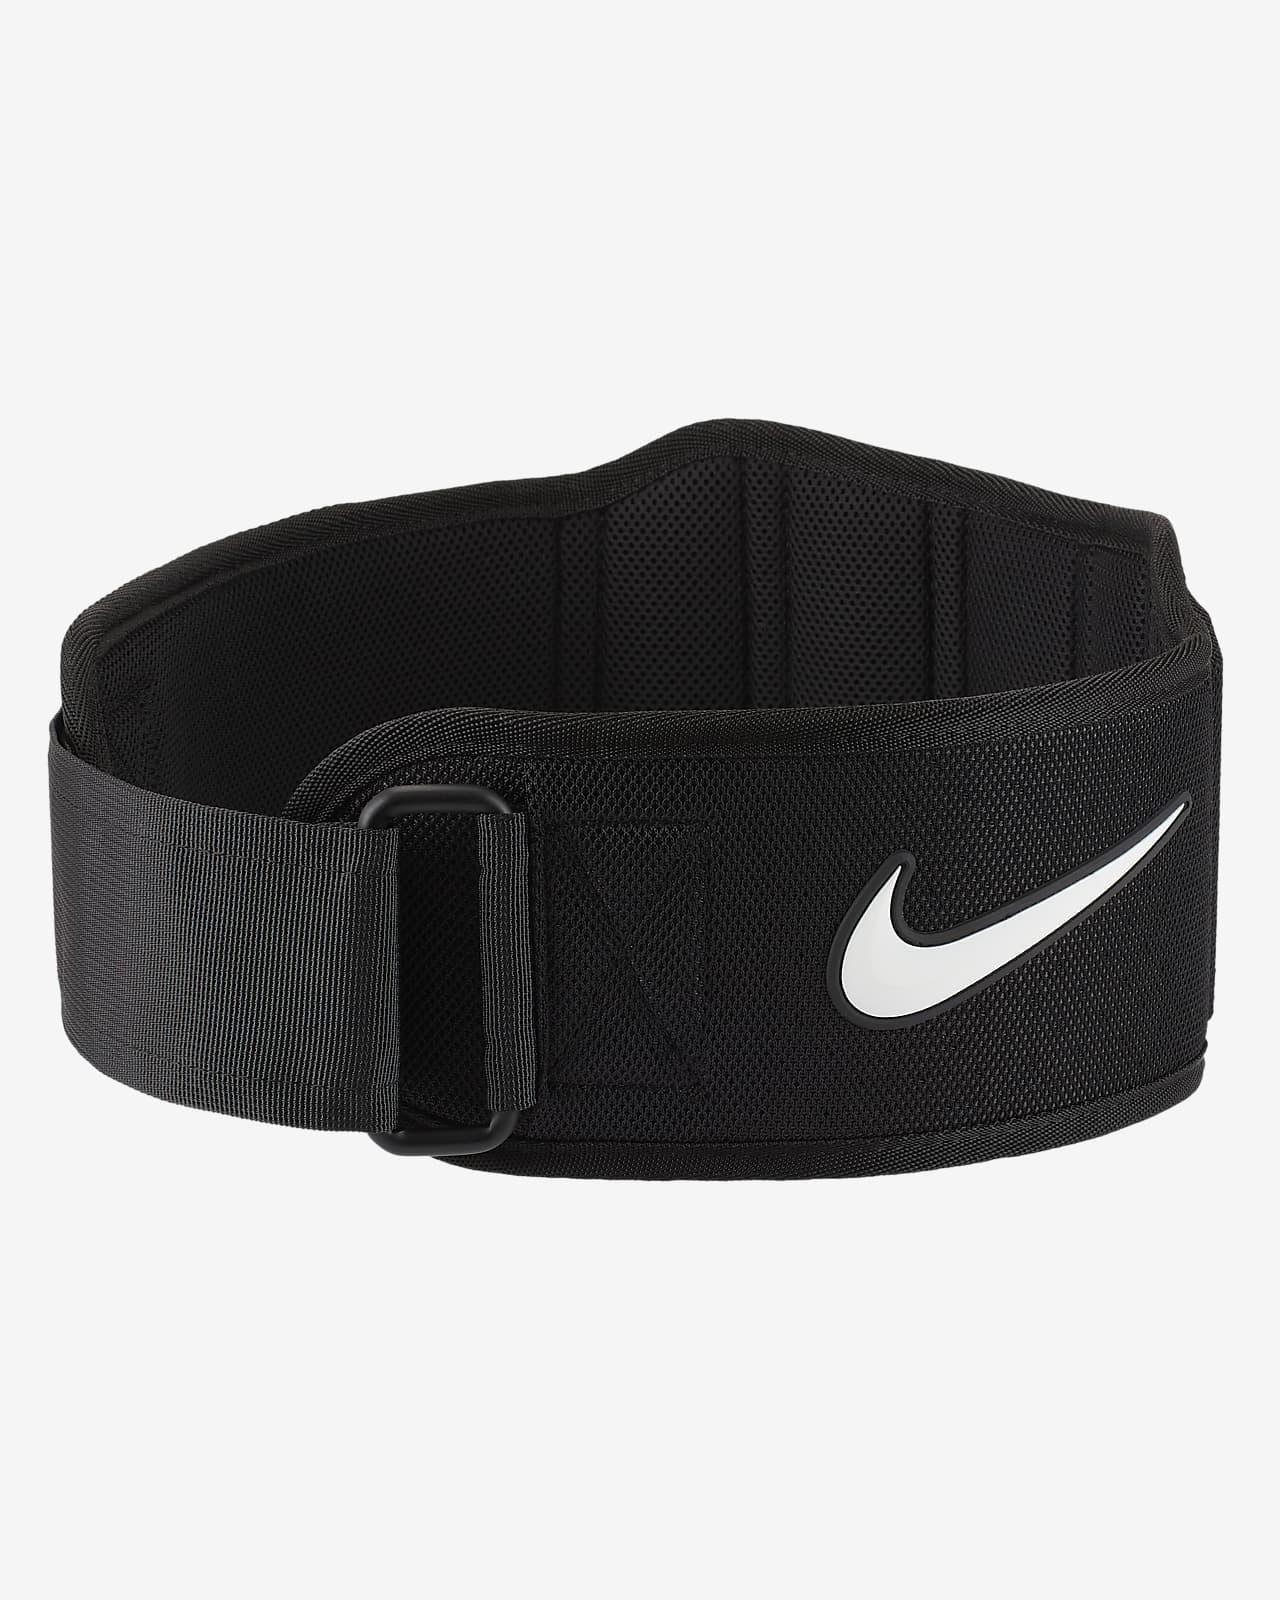 Cinturón de entrenamiento 3.0 Nike Structured